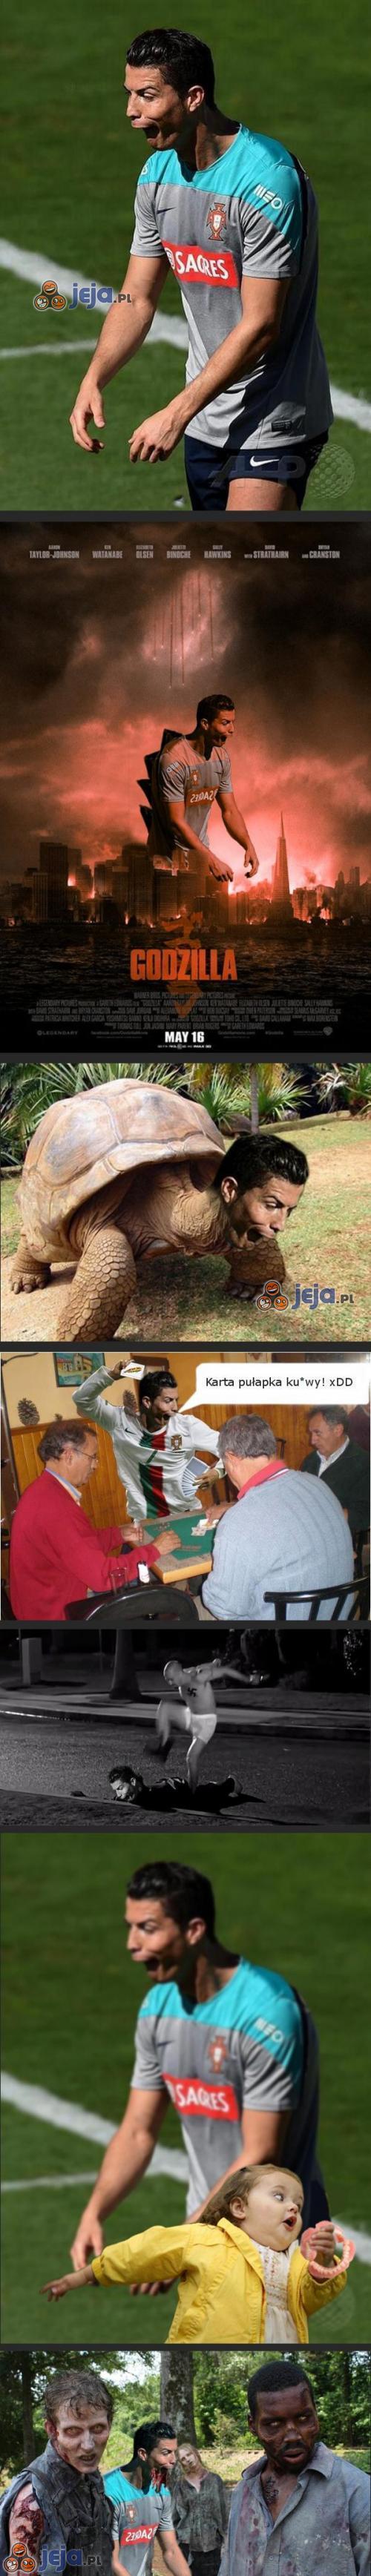 Ronaldo szaleje w Internetach